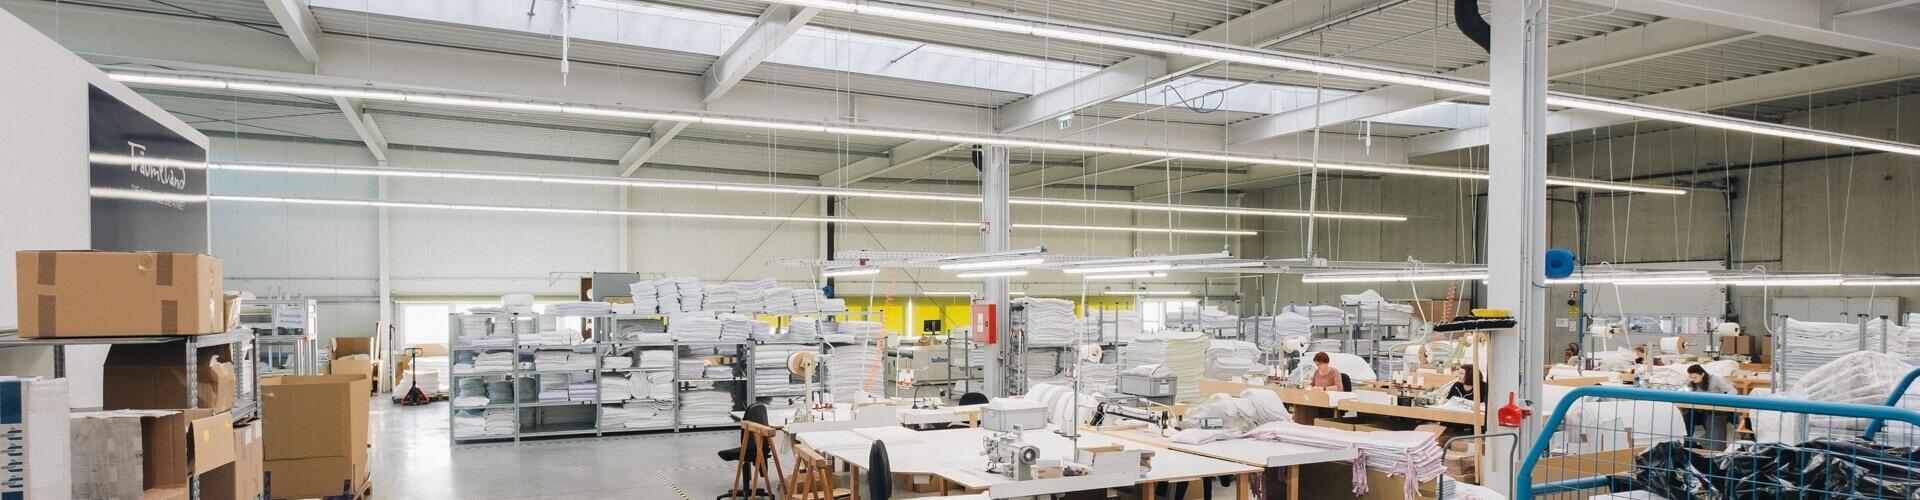 výrobní hala firmy Traumeland řízená systémem pro chytré budovy